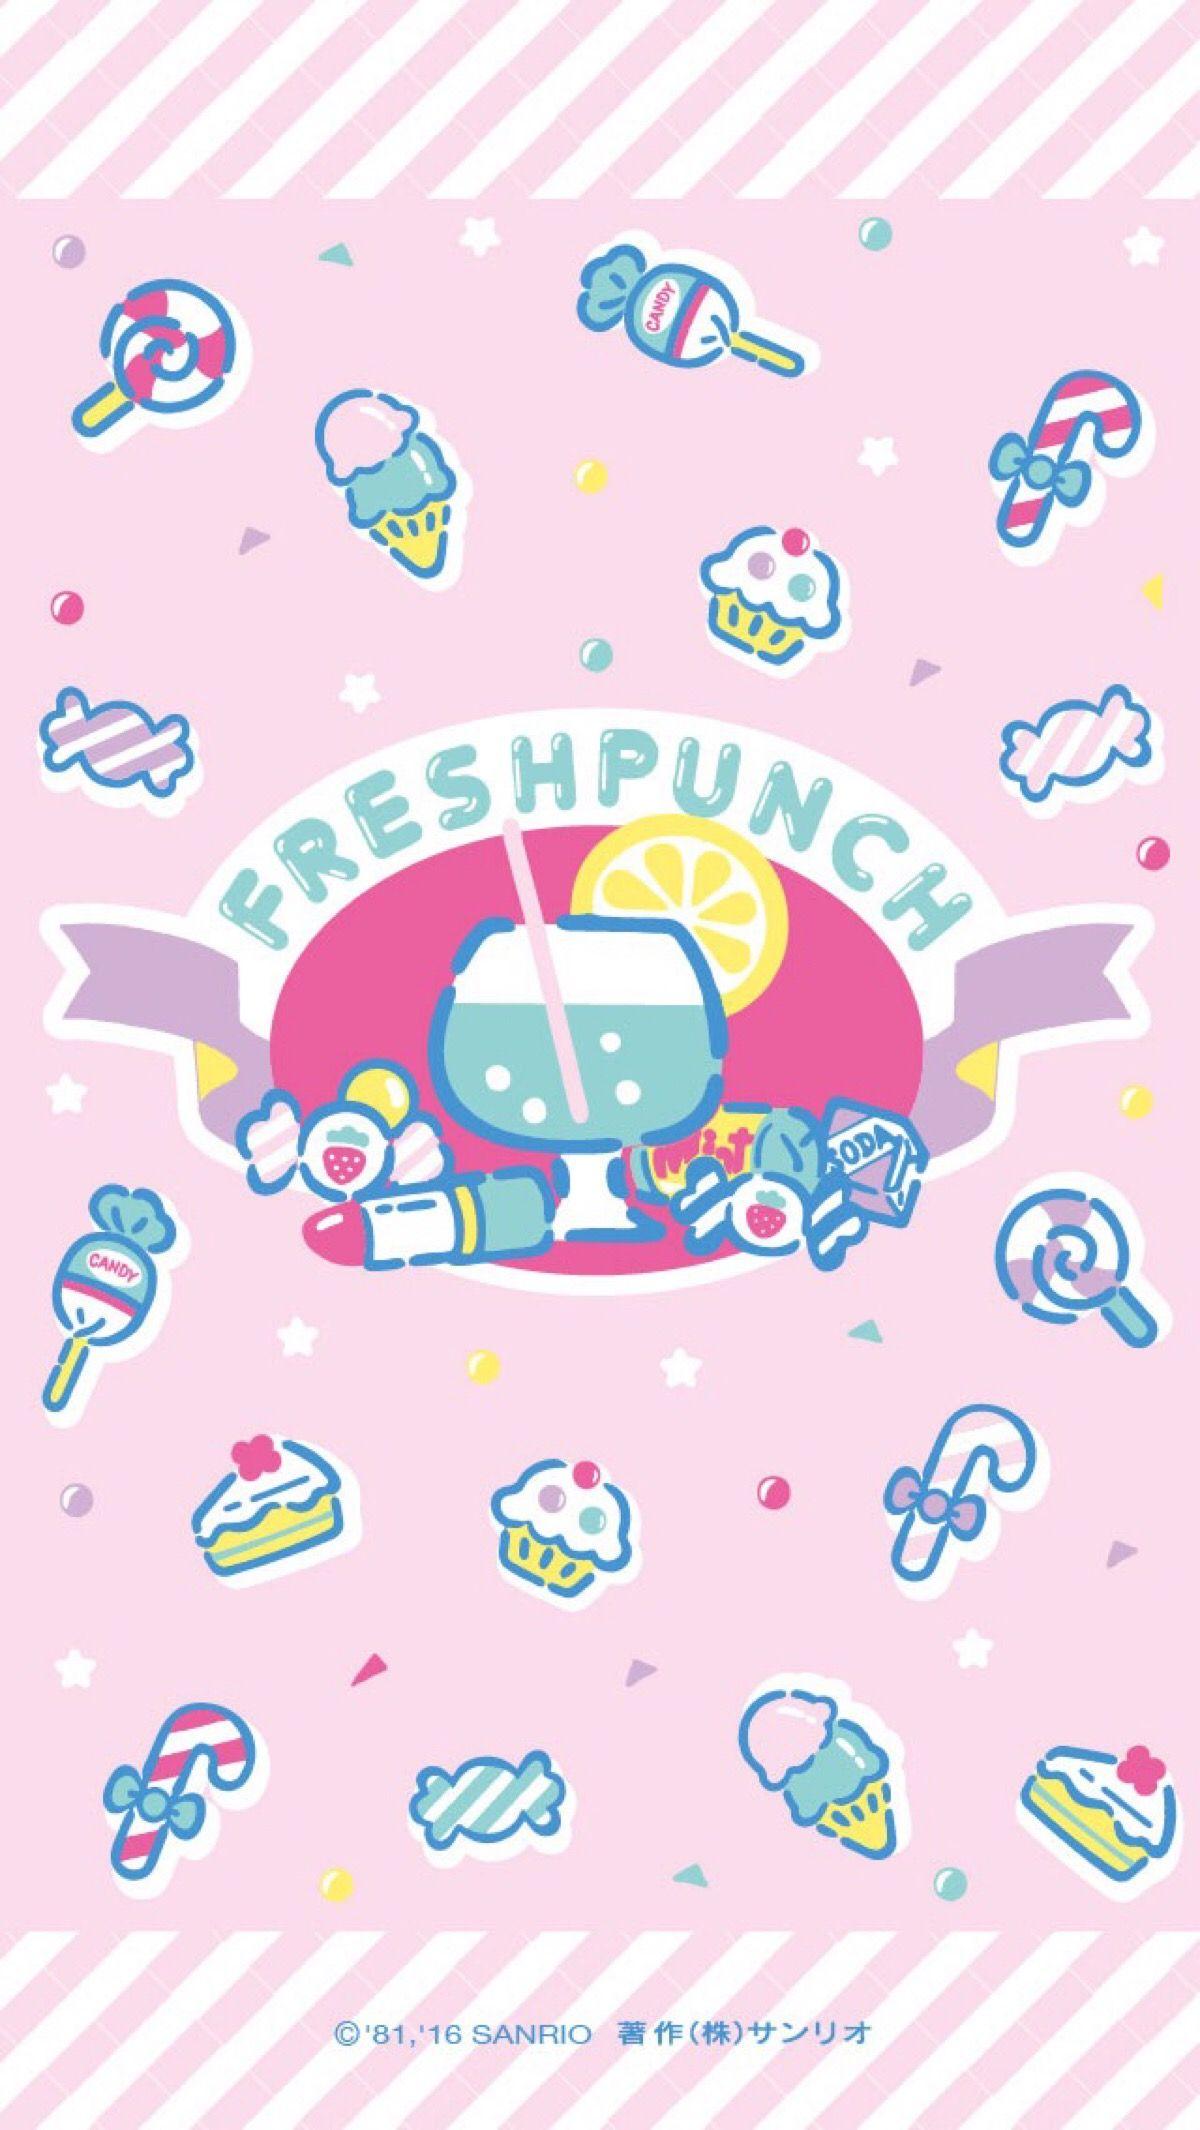 Fresh Punch Wallpaper かわいい 壁紙 Iphone サンリオ イラスト 夢可愛い